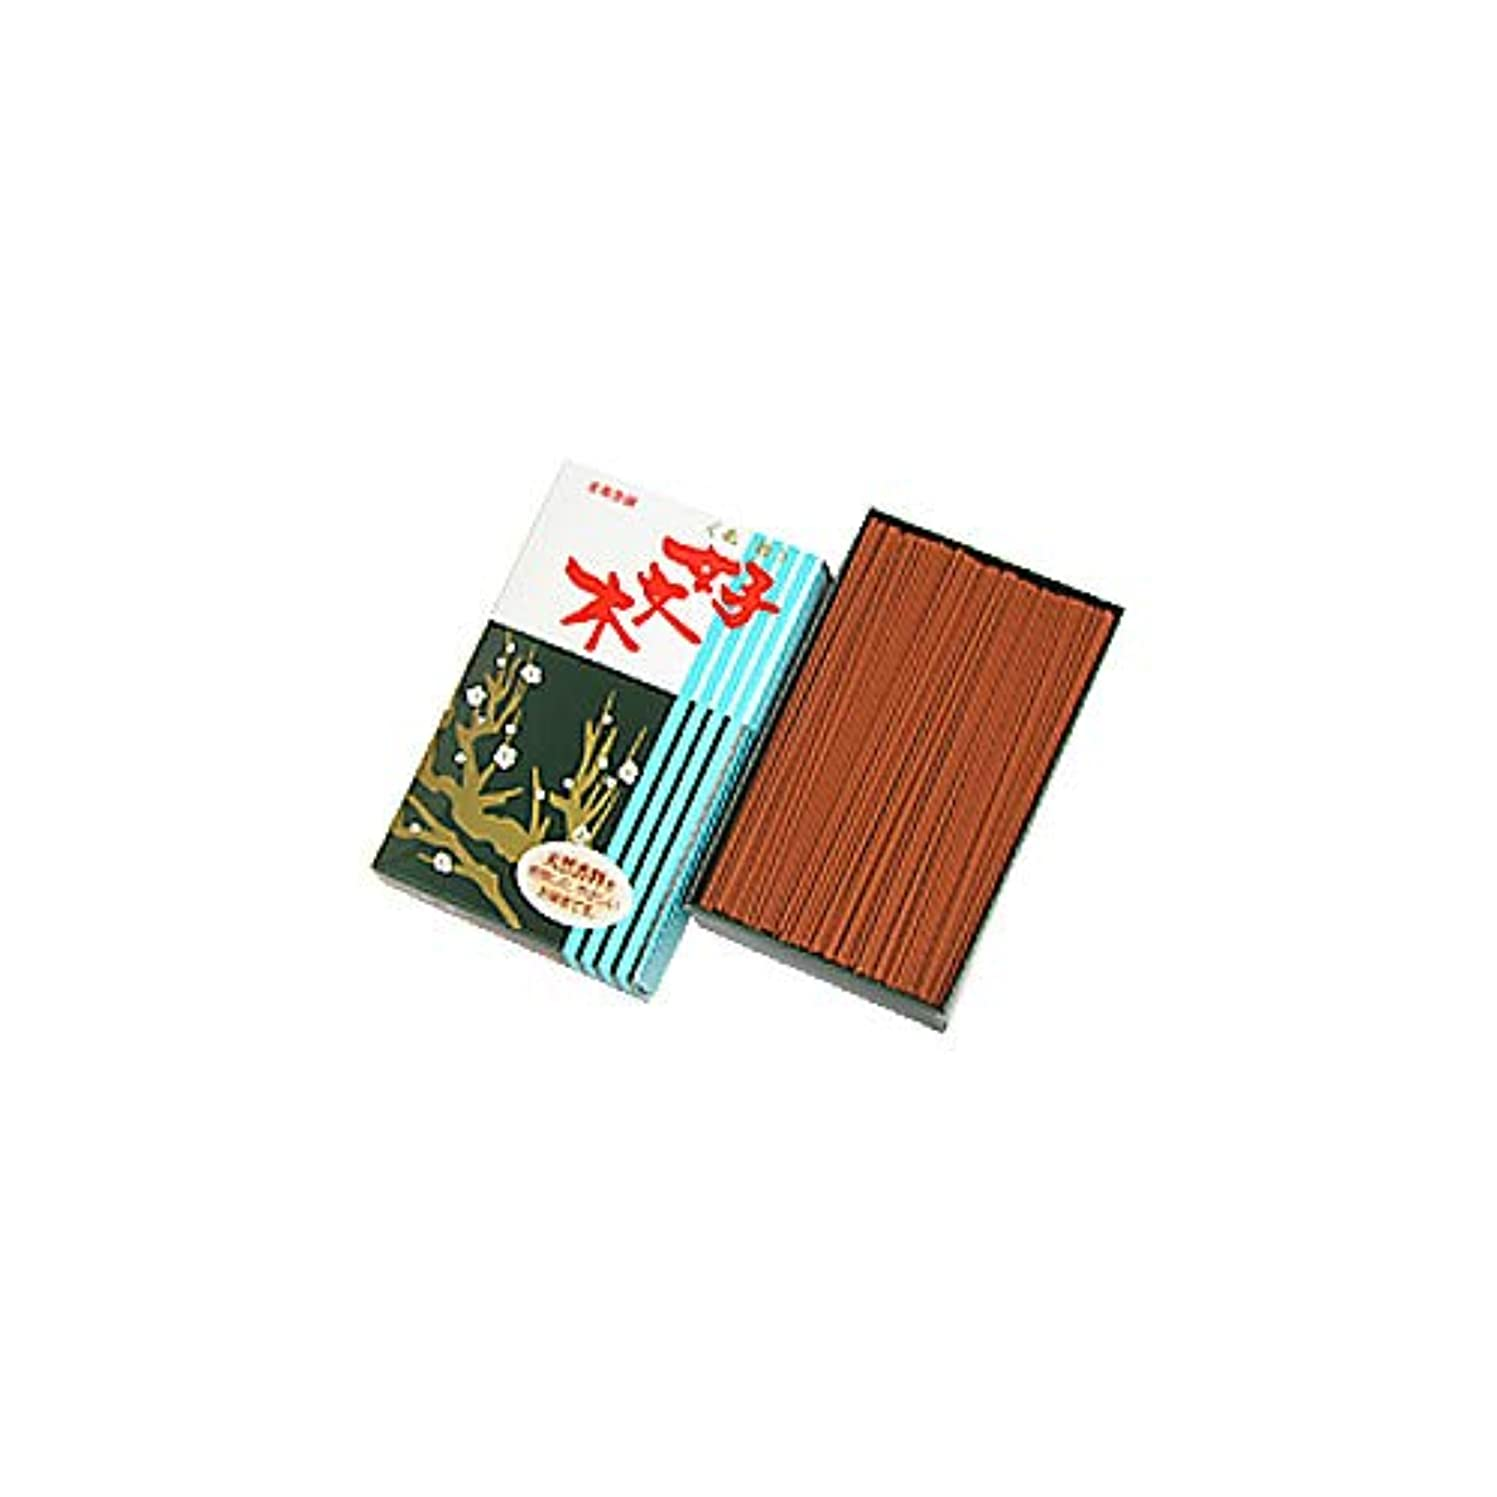 アンタゴニスト西部印象家庭用線香 好文木 お徳用大型バラ詰(箱寸法15×9.5×4cm)◆さわやかな白檀の香りのお線香(梅栄堂)